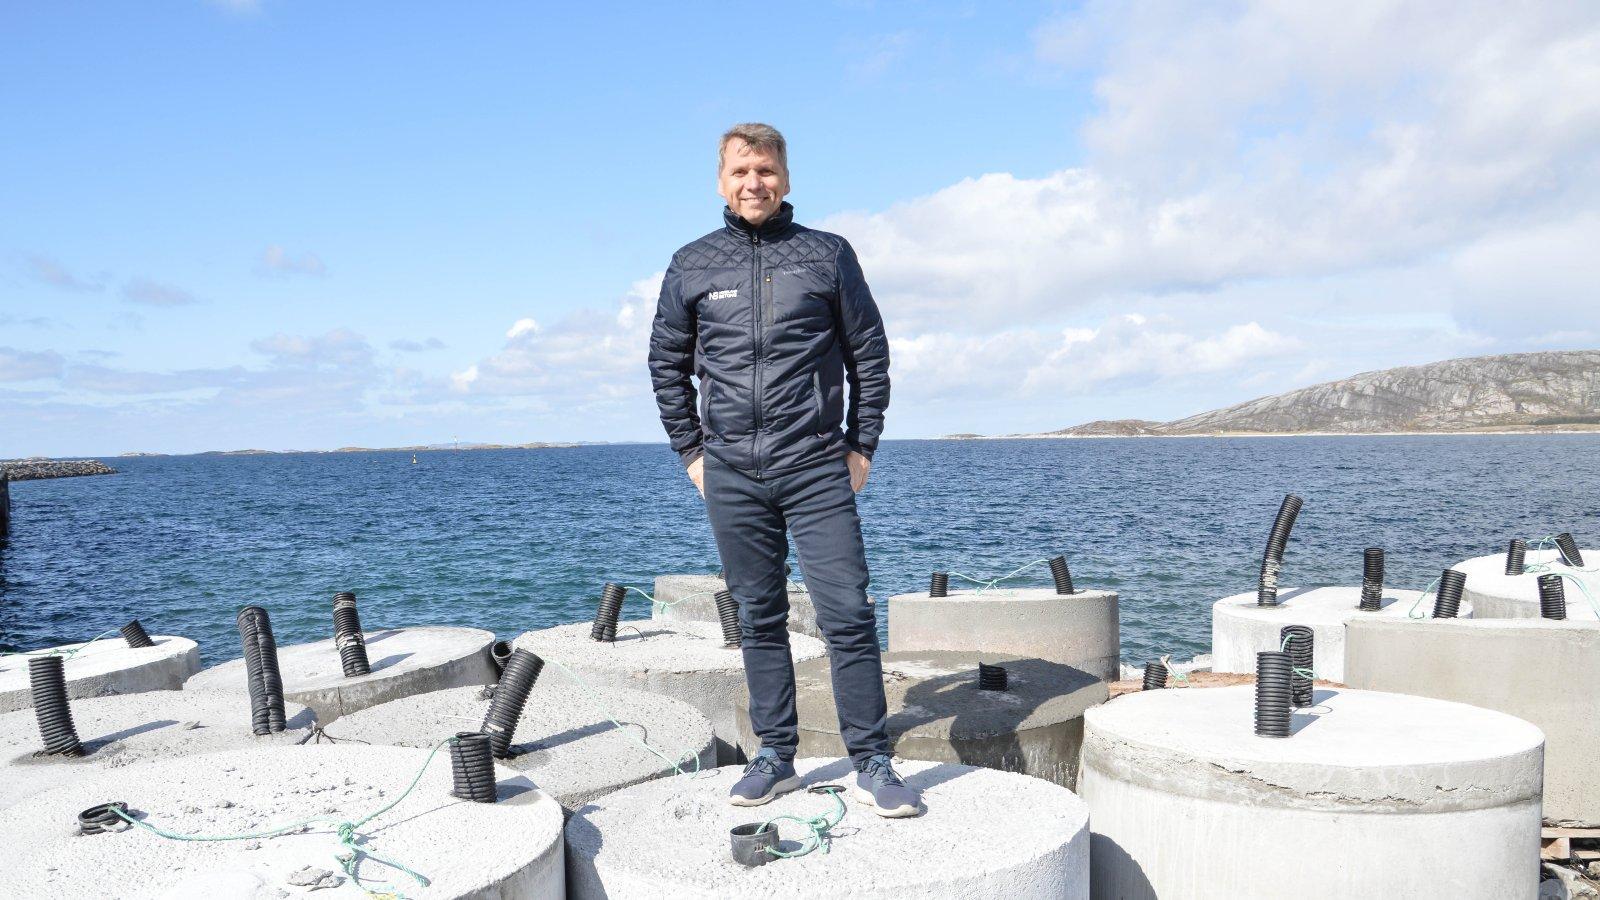 Nordland Betong i Bodø jobber bærekraftig i stadig større grad. Daglig leder Tore Mosand sier de har redusert CO2-utslippet med 30 prosent. Det jobbes også med å gjenbruke brukt betong. Her er ett produkt; synkelodd som blant annet brukes til forankring.  Mer er på vei. Foto: Lise Fagerbakk